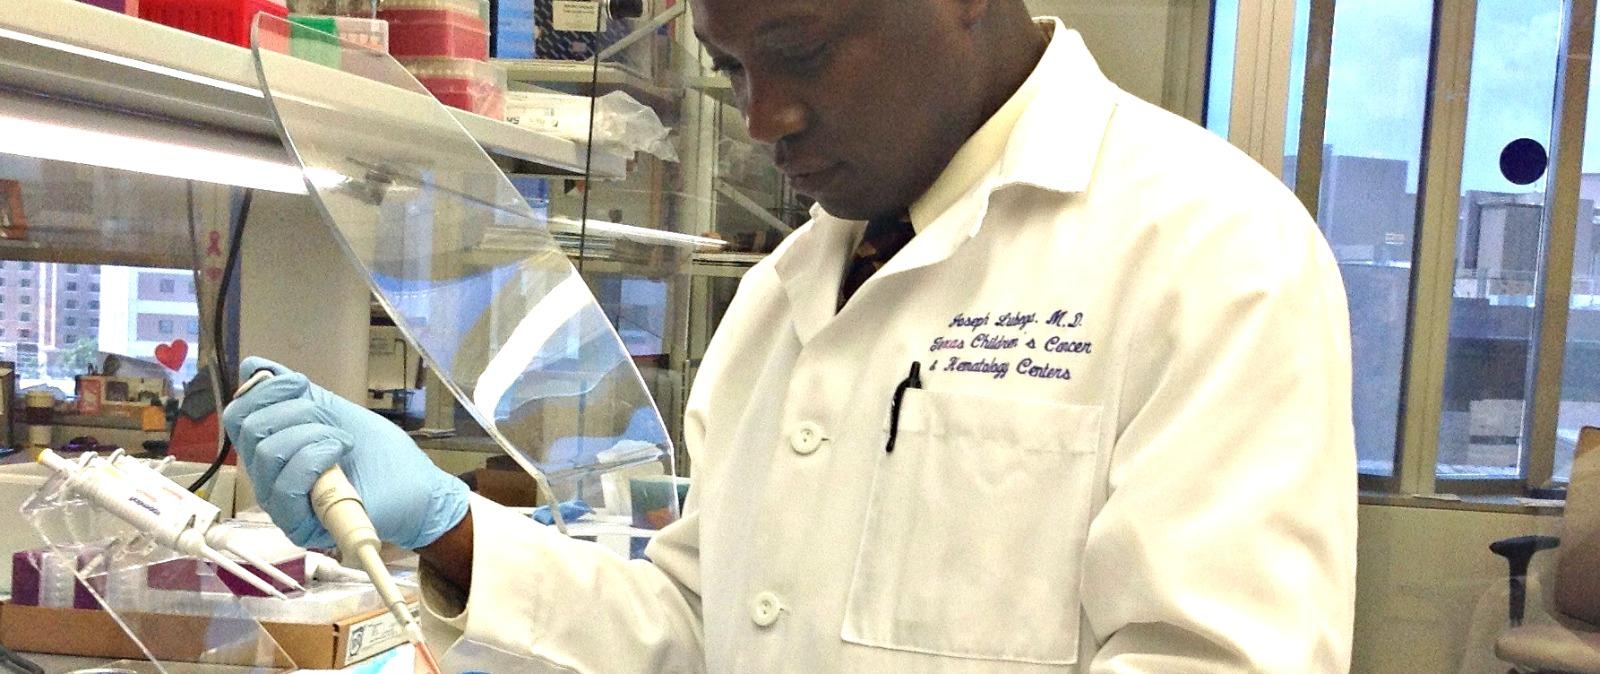 Dr-Joseph-Lubega-in-lab